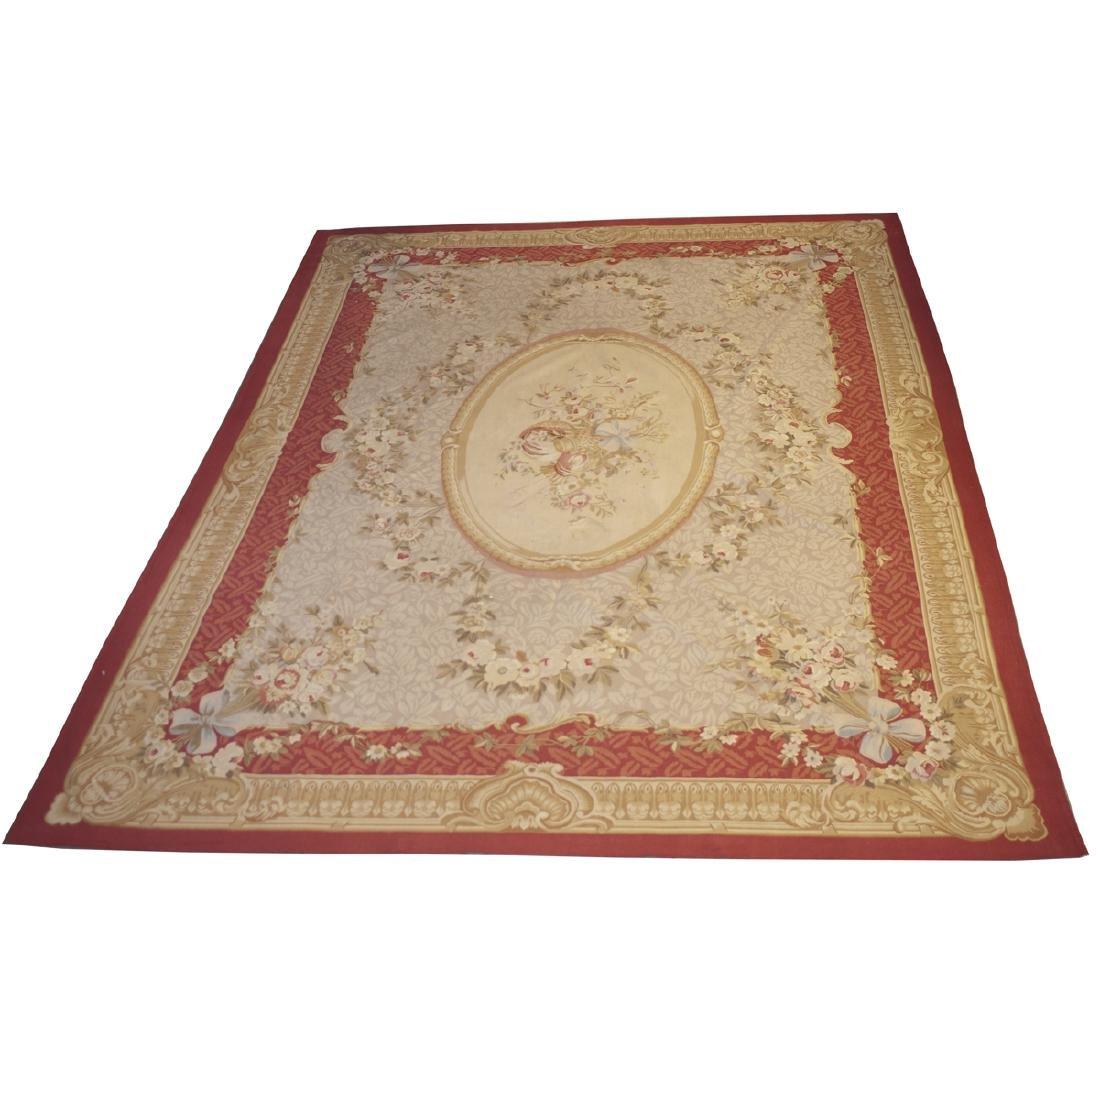 Large Antique Aubusson Carpet